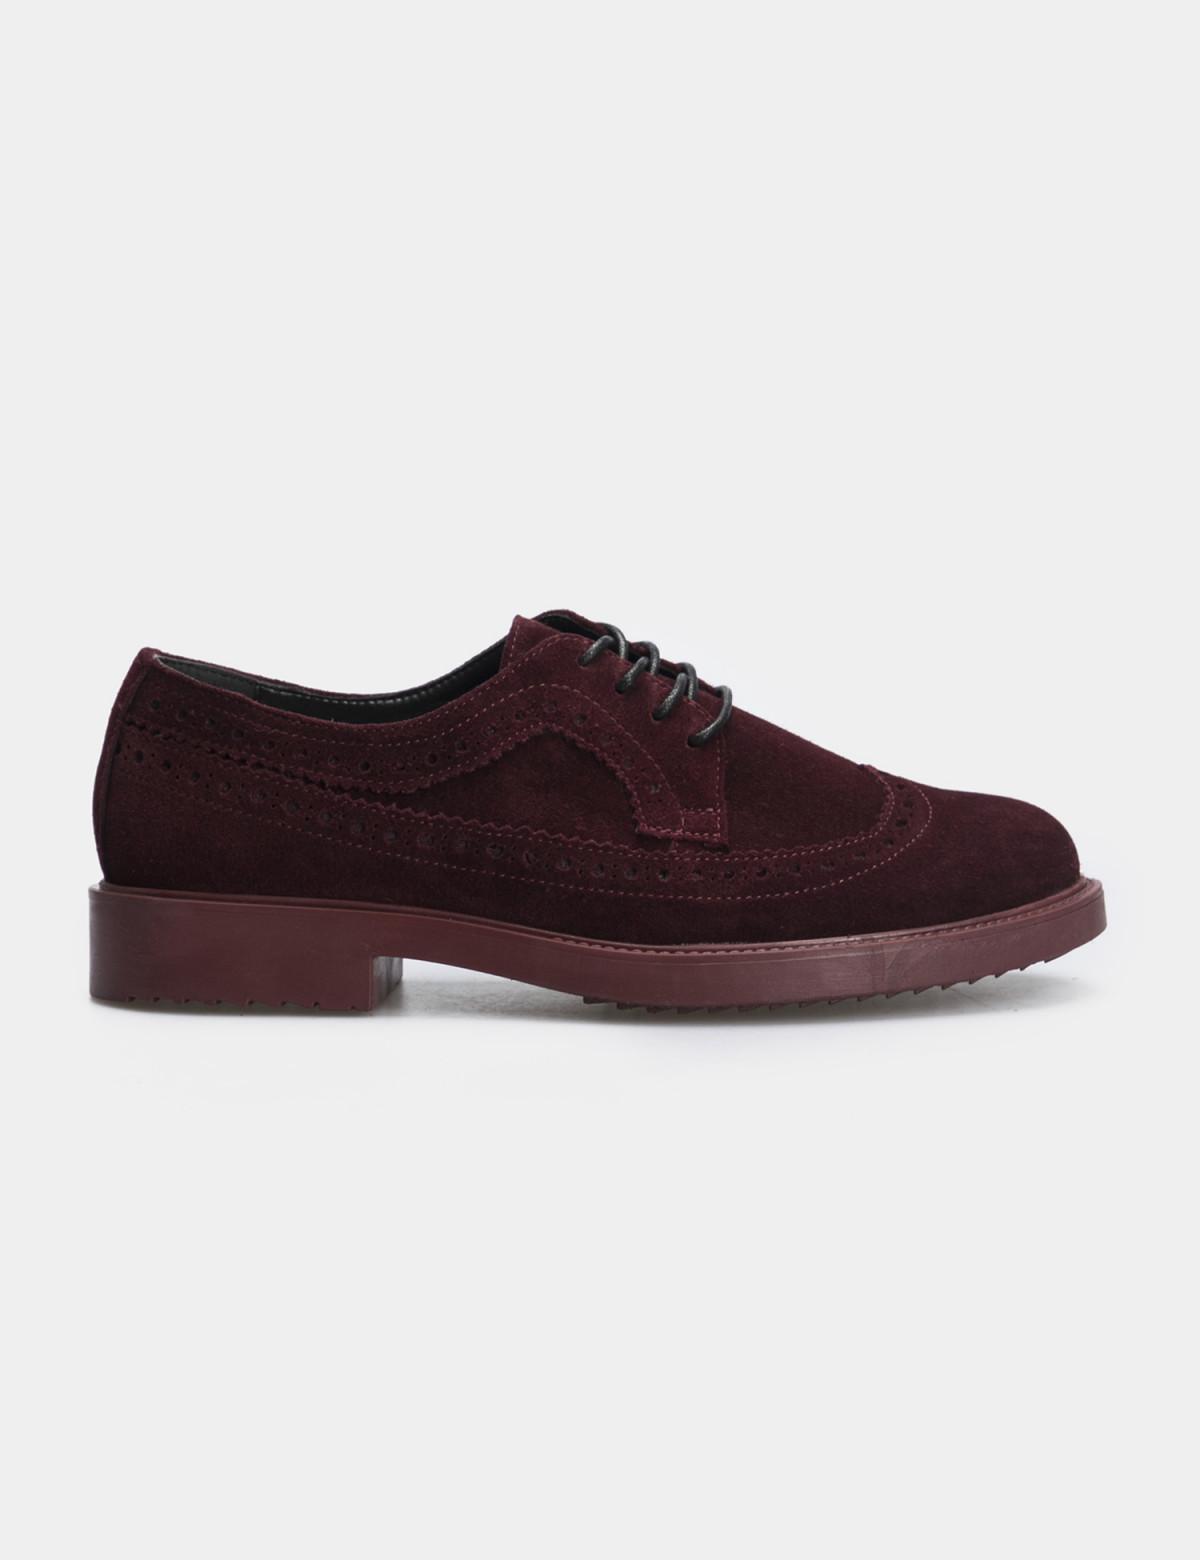 Туфли бордовые, натуральная замша